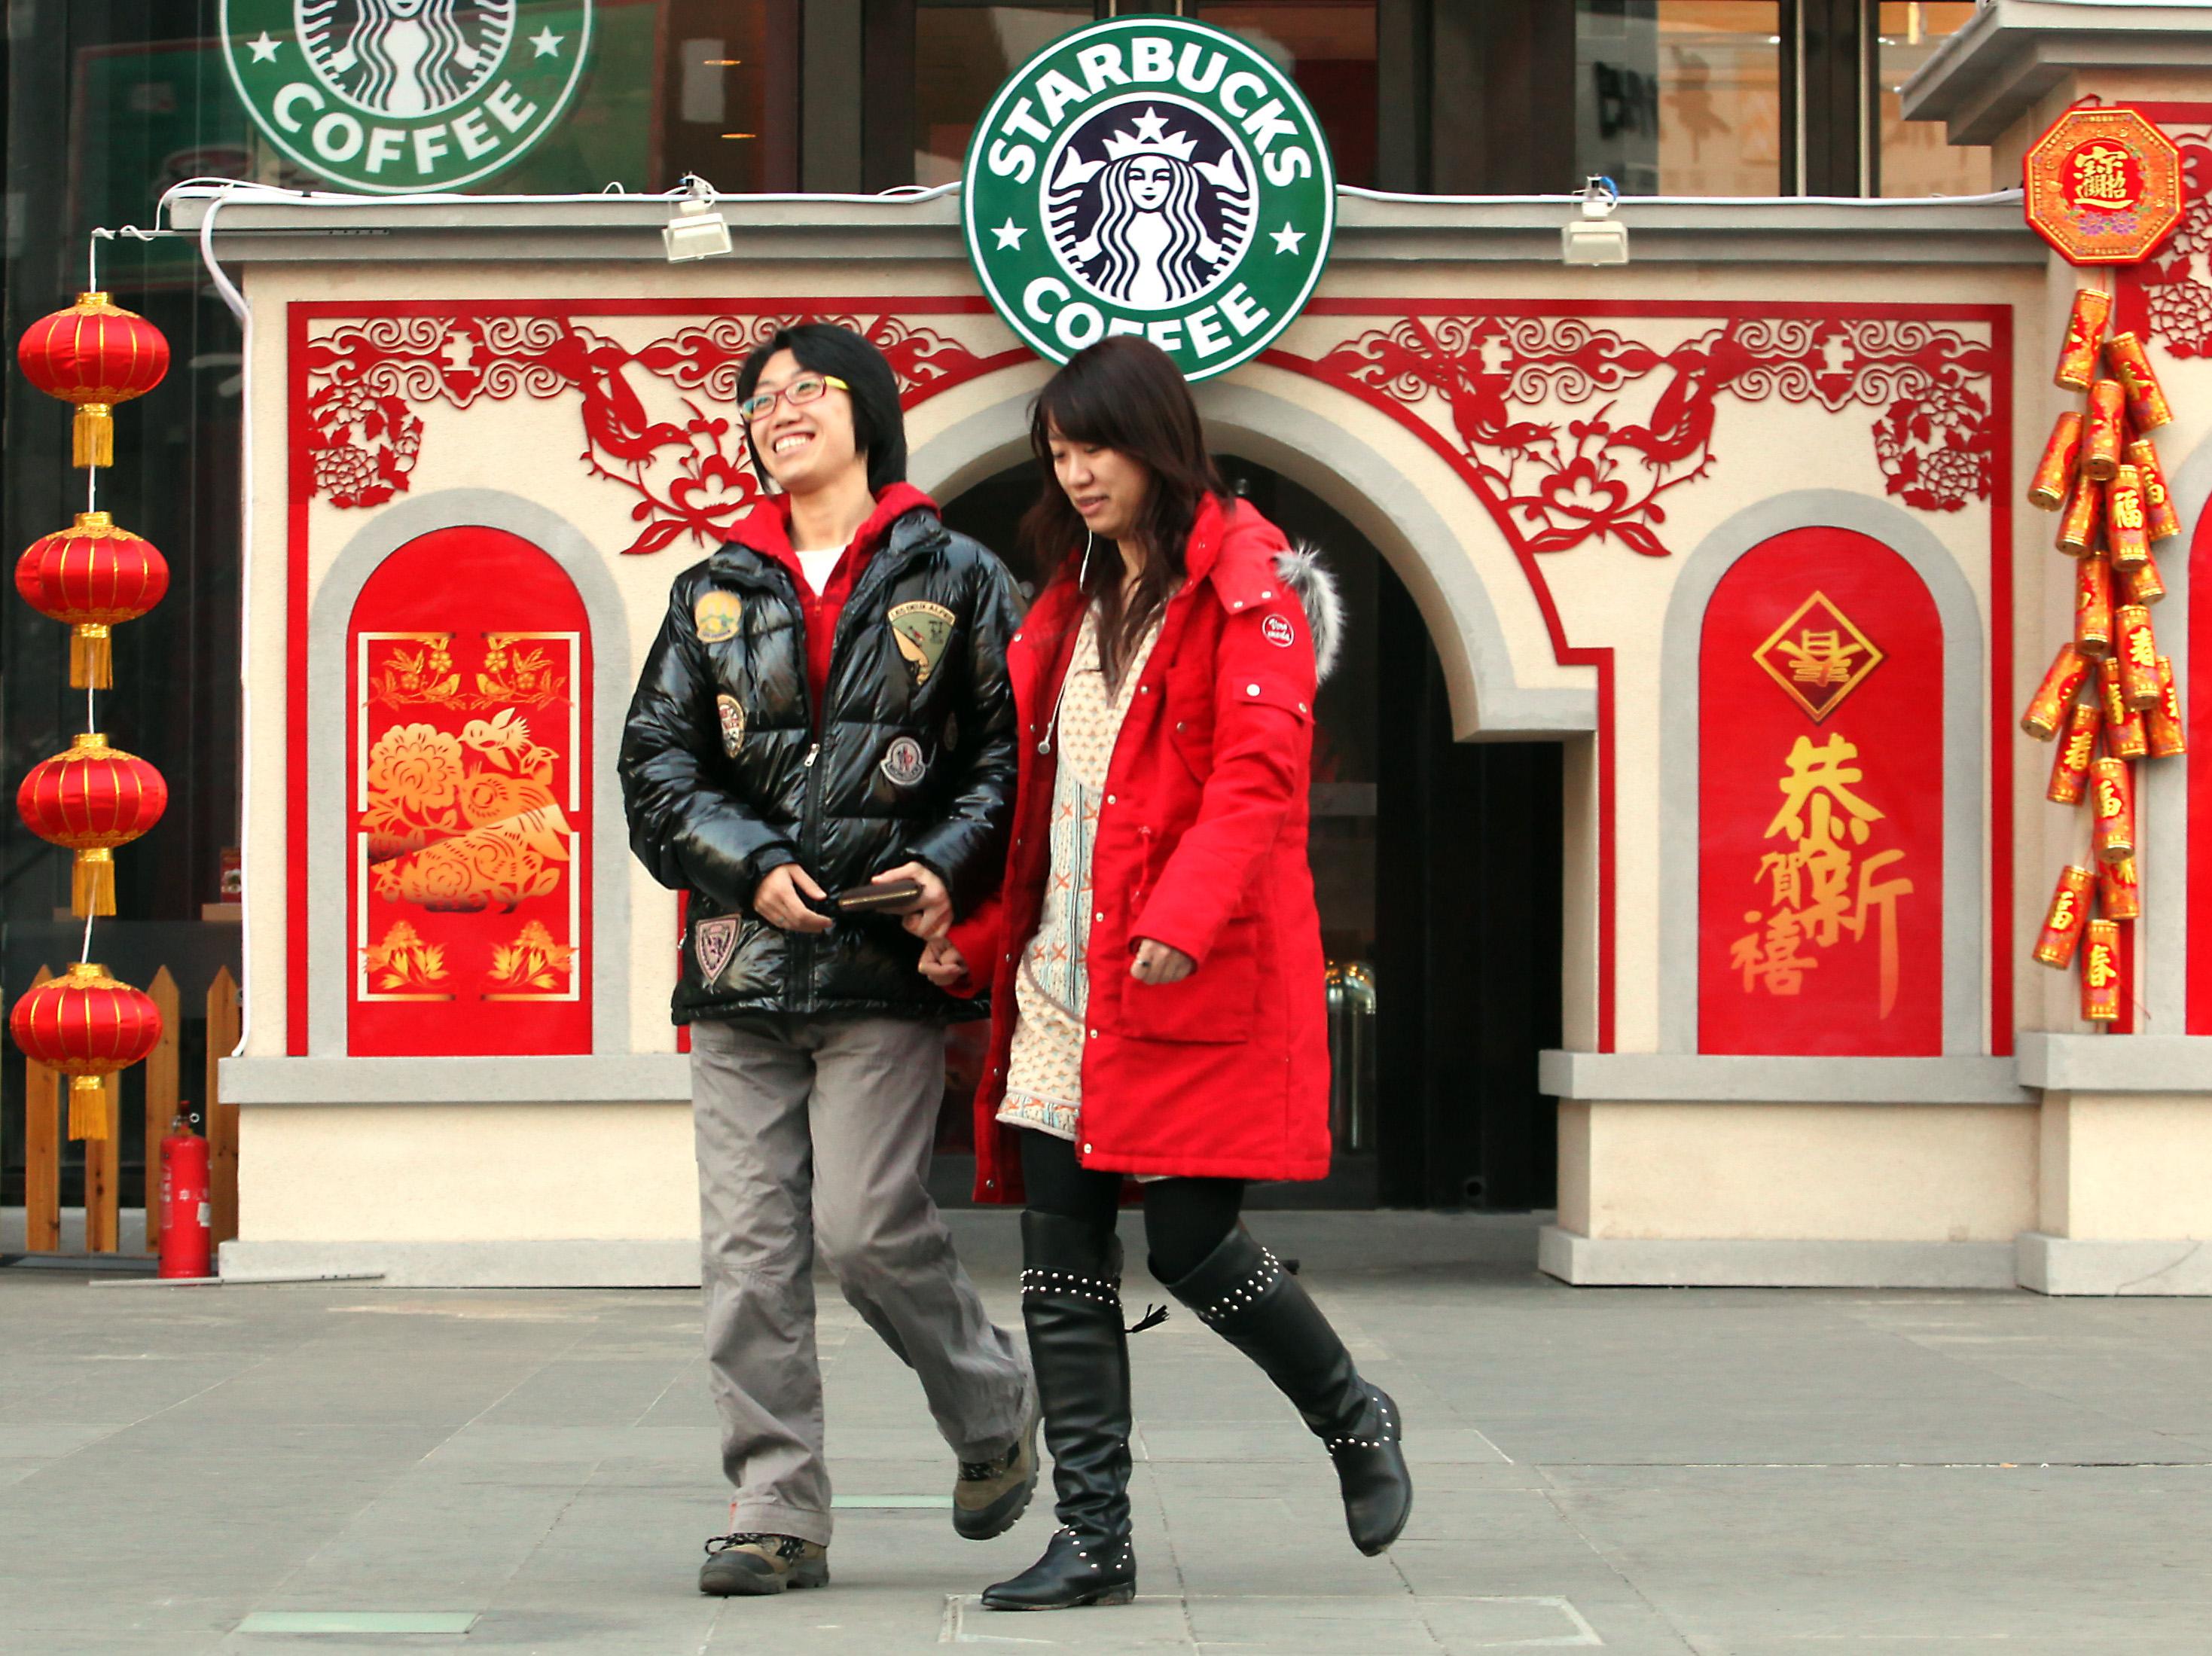 В Китае Starbucks всюду! В Пекине он даже маскируется. Фото bolod.mn